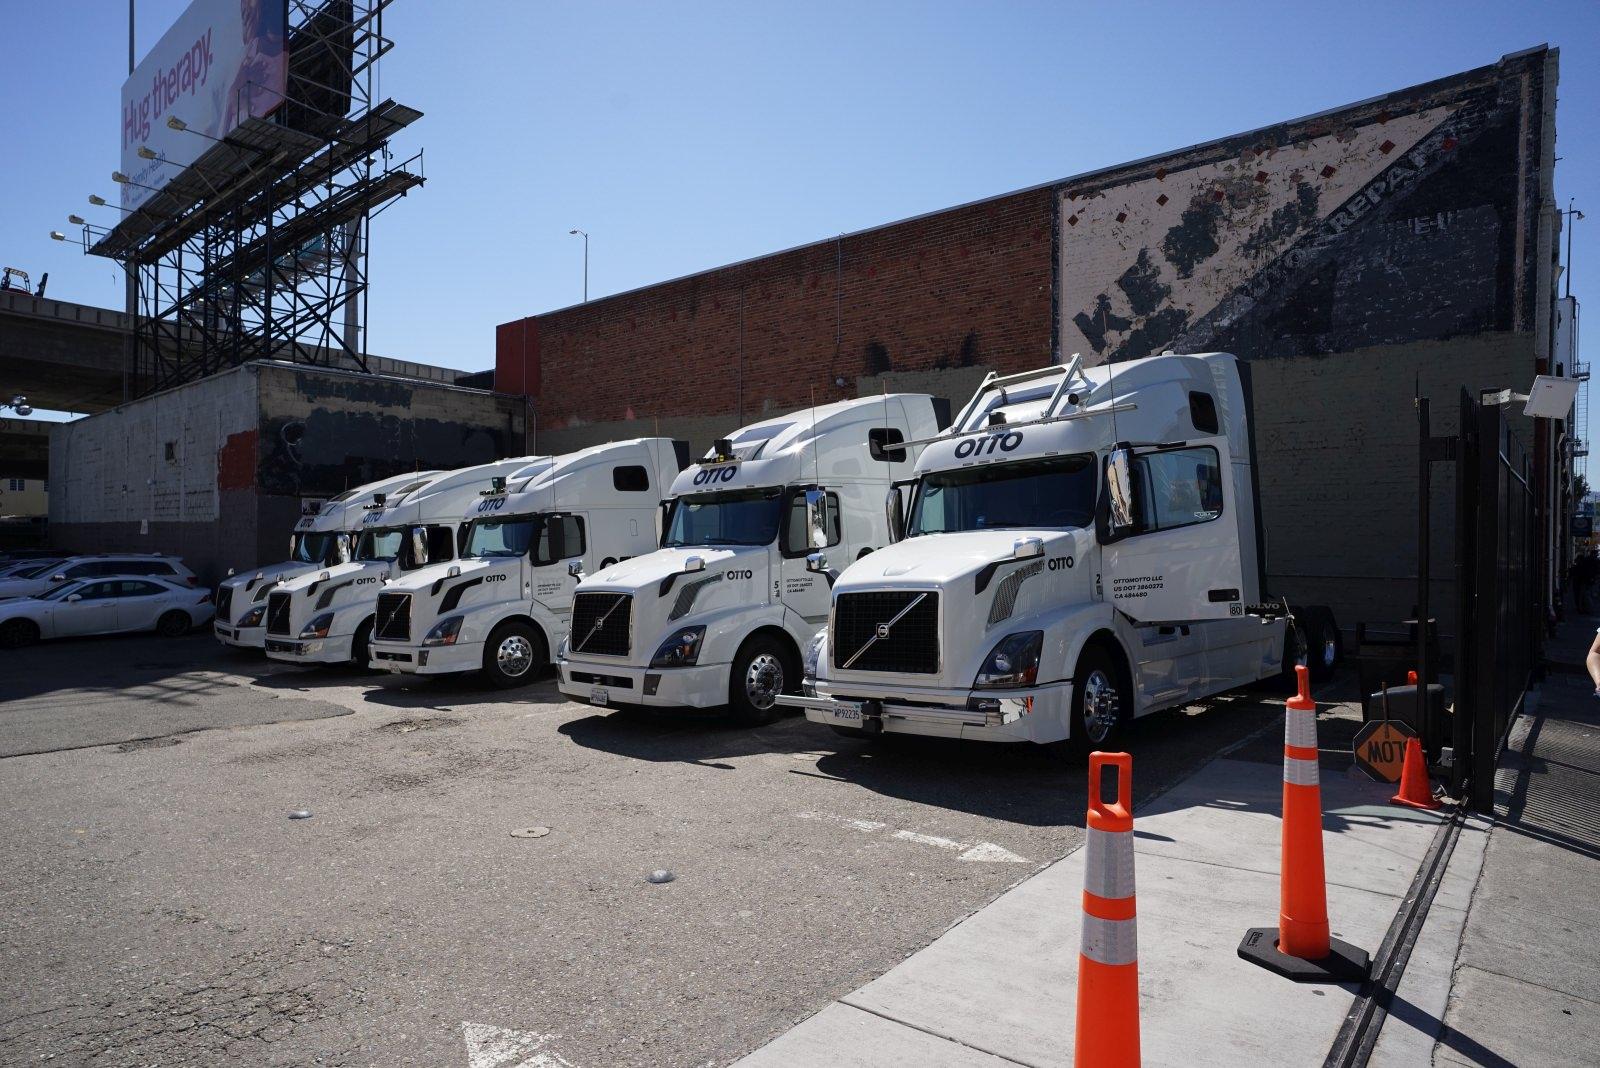 Uber Otto automatisierte Lkw umgerüstete autonome Trucks